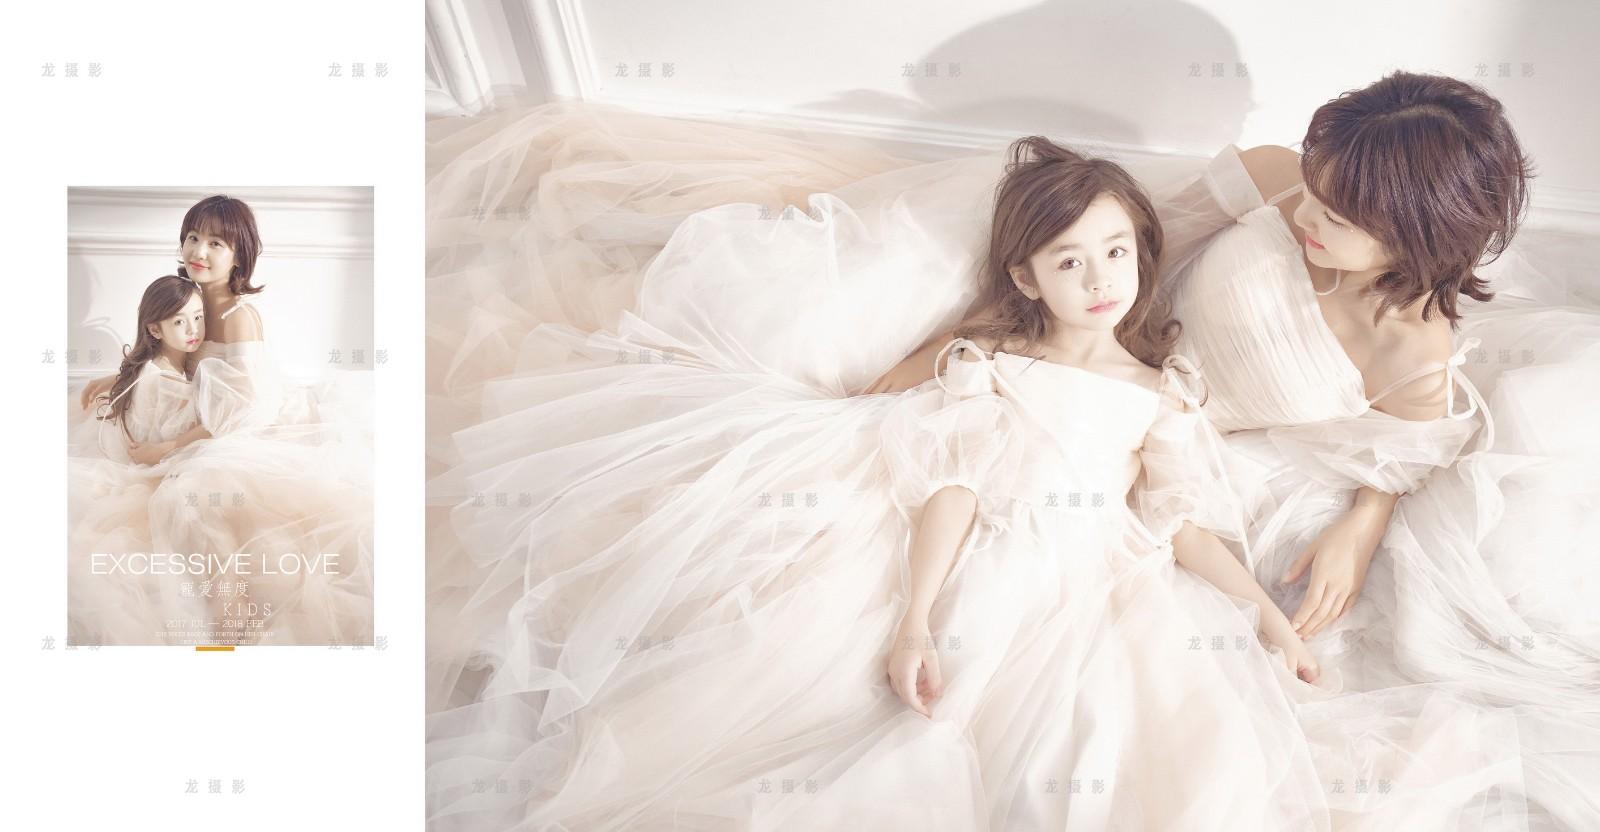 伊莎贝拉|样片展示-朝阳尊爵龙摄影有限公司